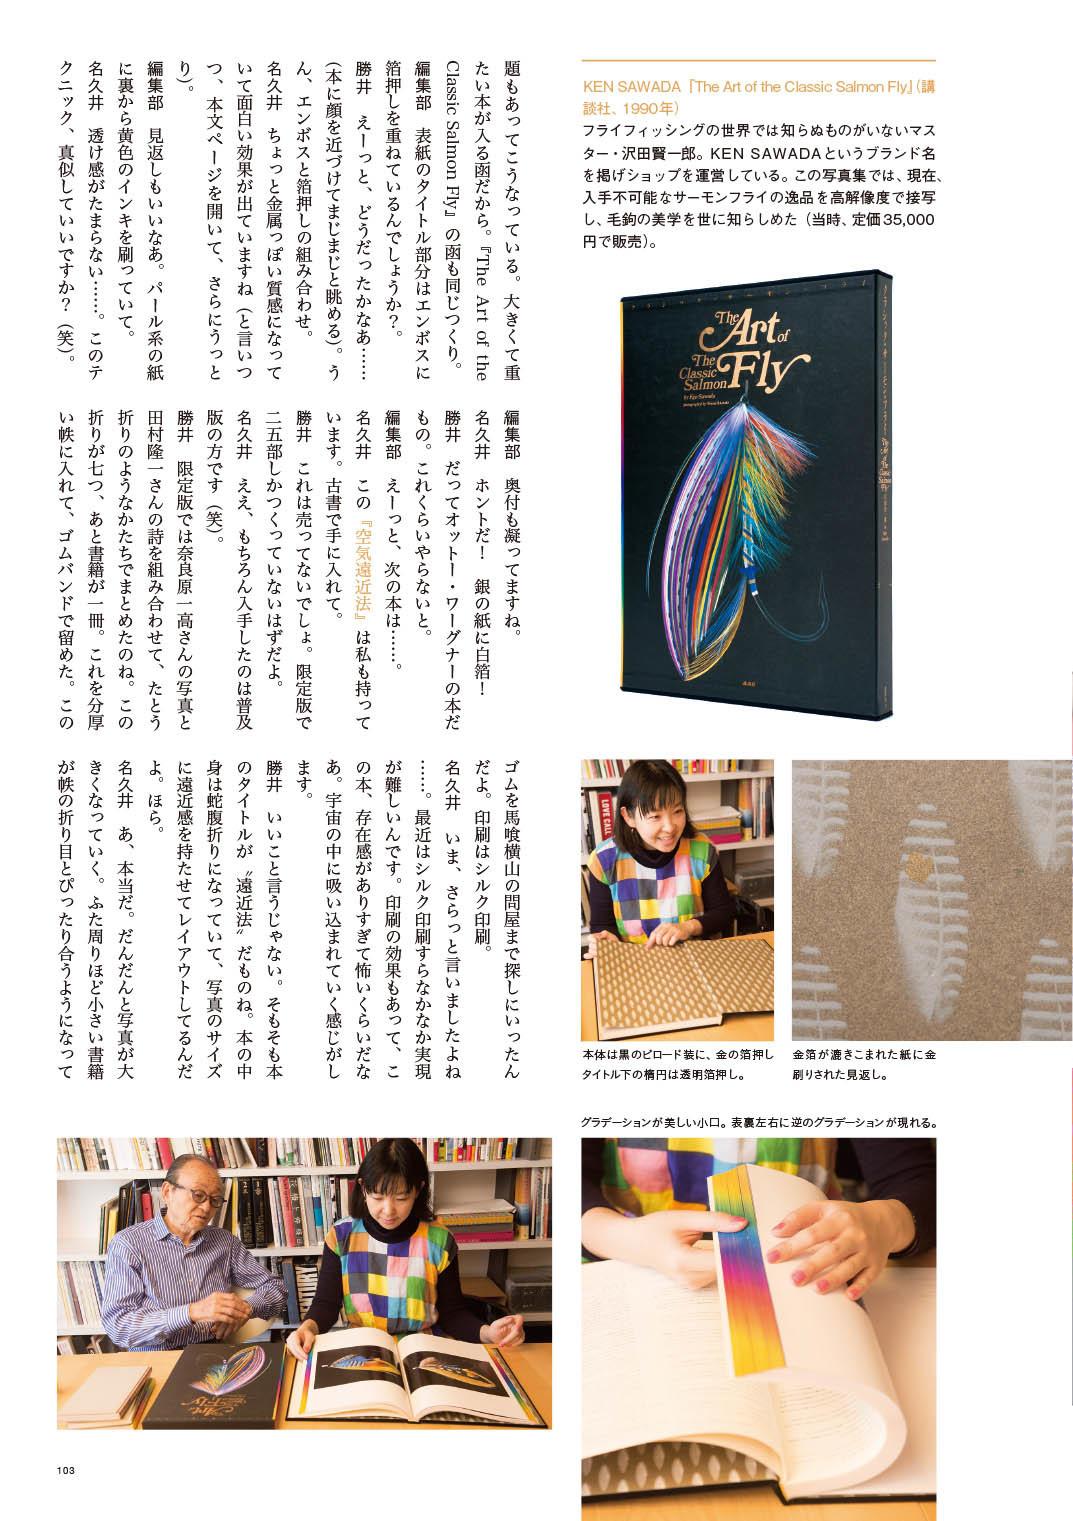 勝井三雄先生の記事を掲載いたします。_c0207090_13300549.jpg